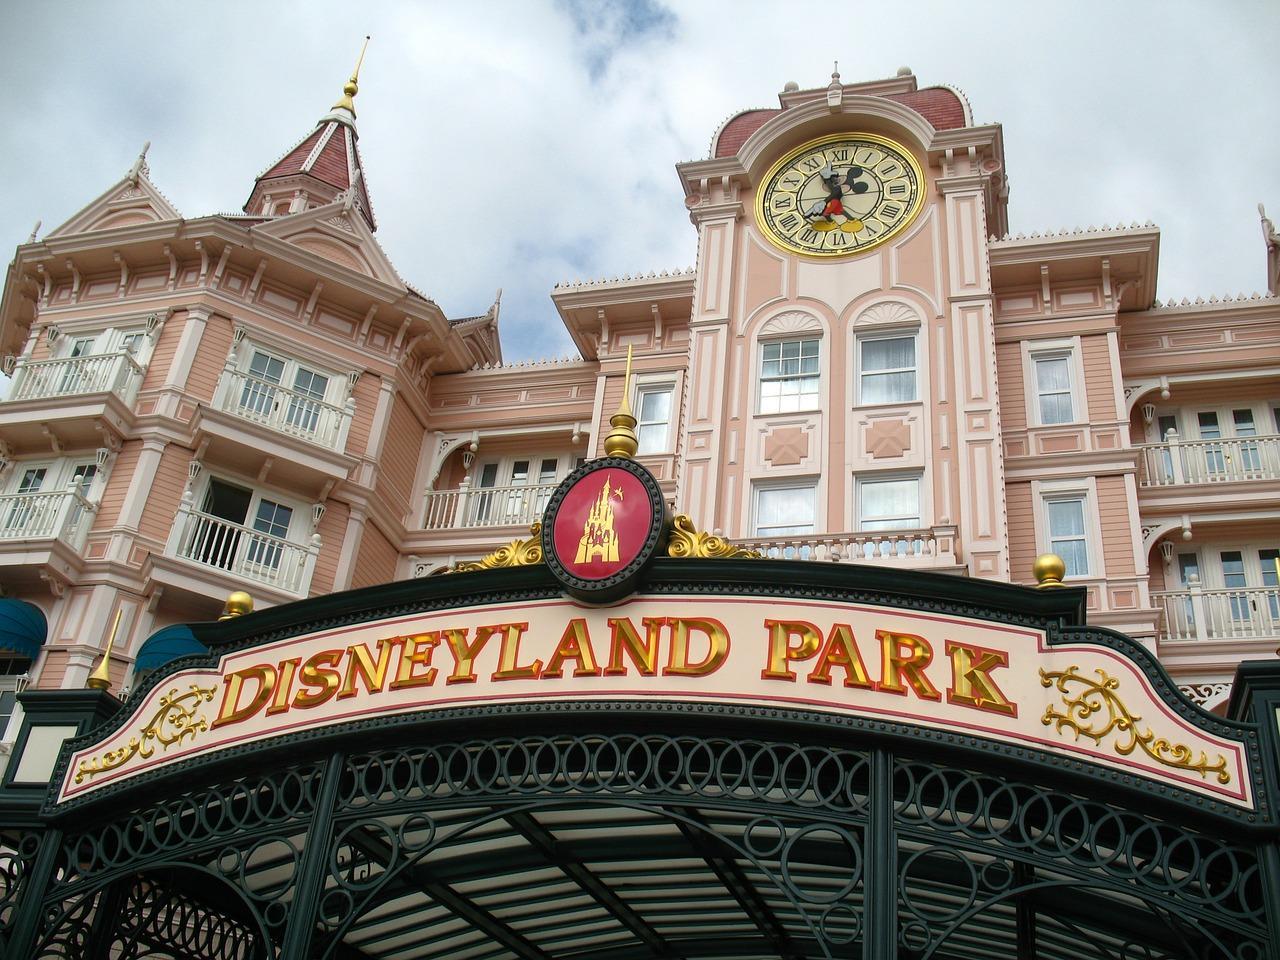 Foto da fachada do Disneyland Park que será local de vacinação em massa contra a covid-19 na Califórnia